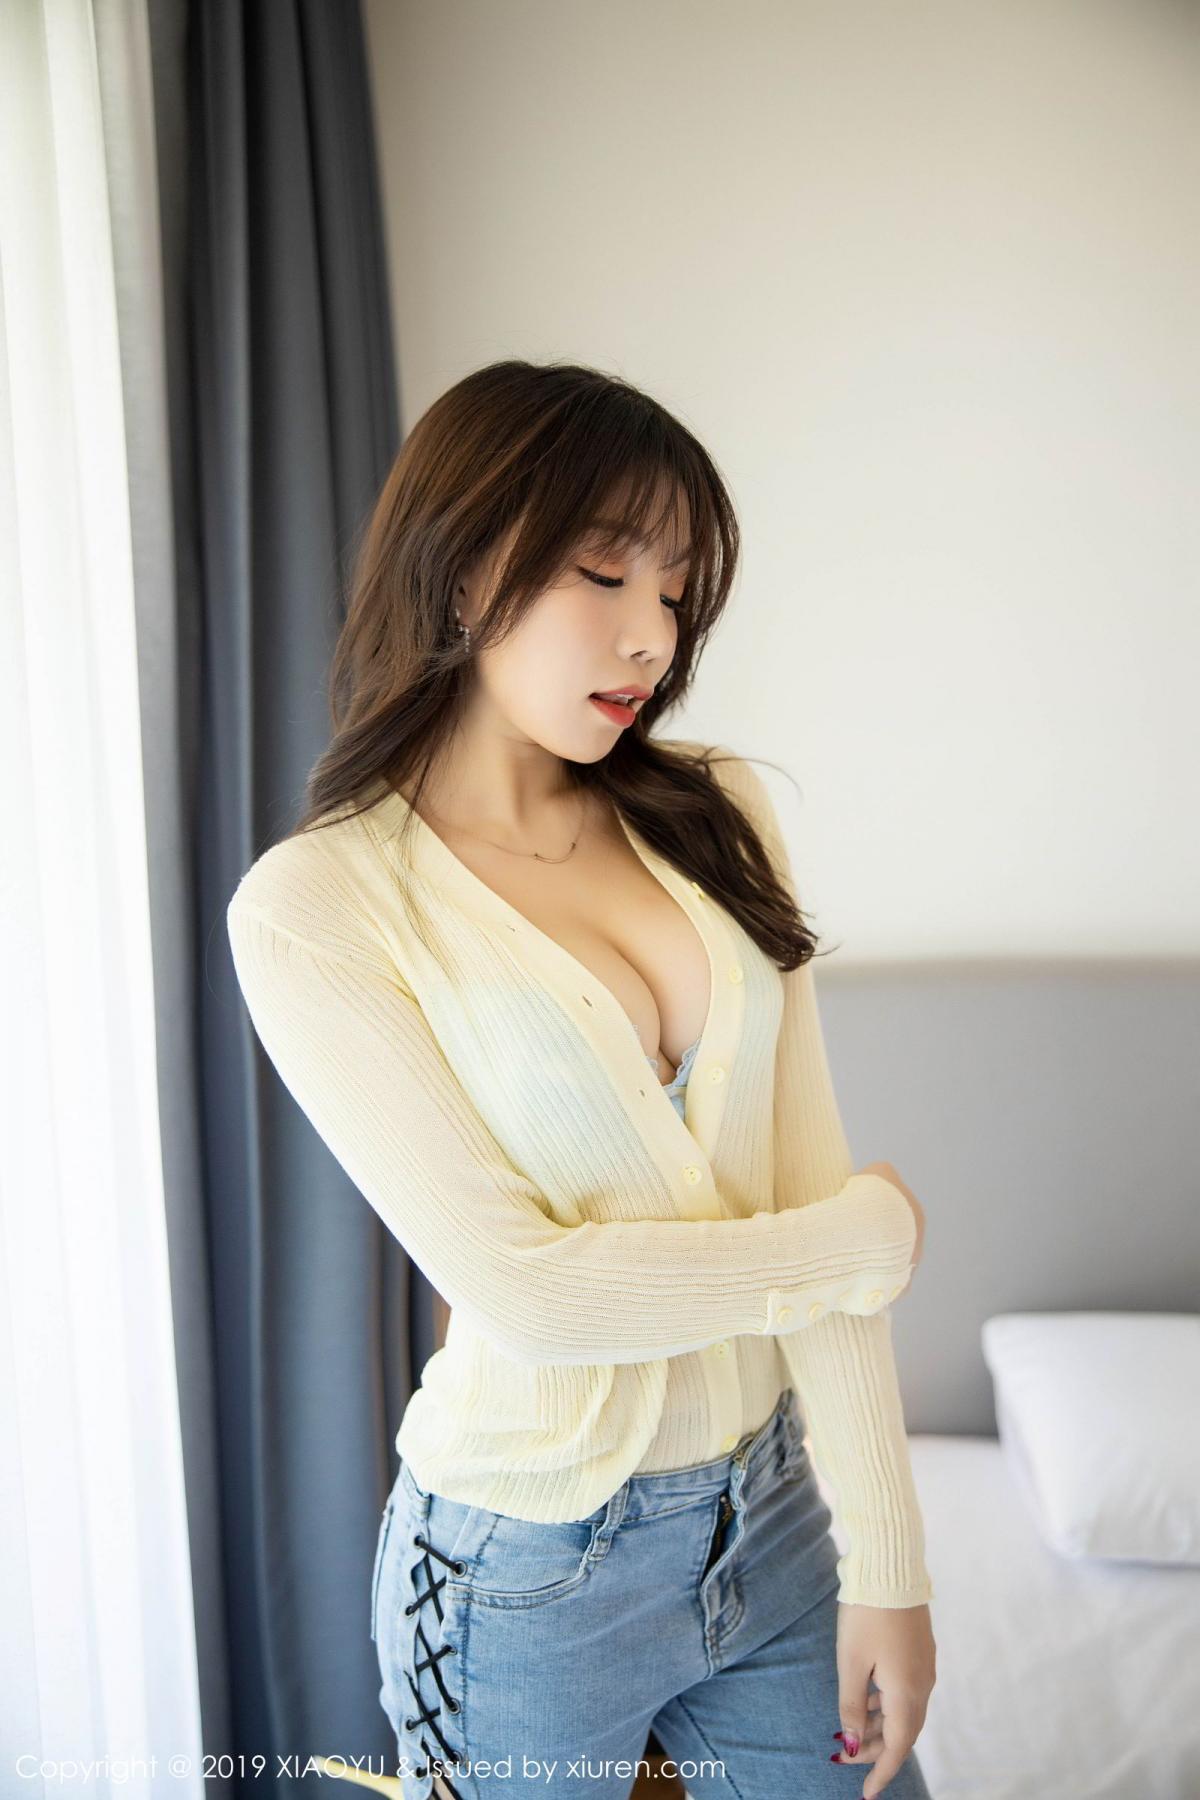 [XiaoYu] Vol.197 Chen Zhi 18P, Chen Zhi, Tall, XiaoYu